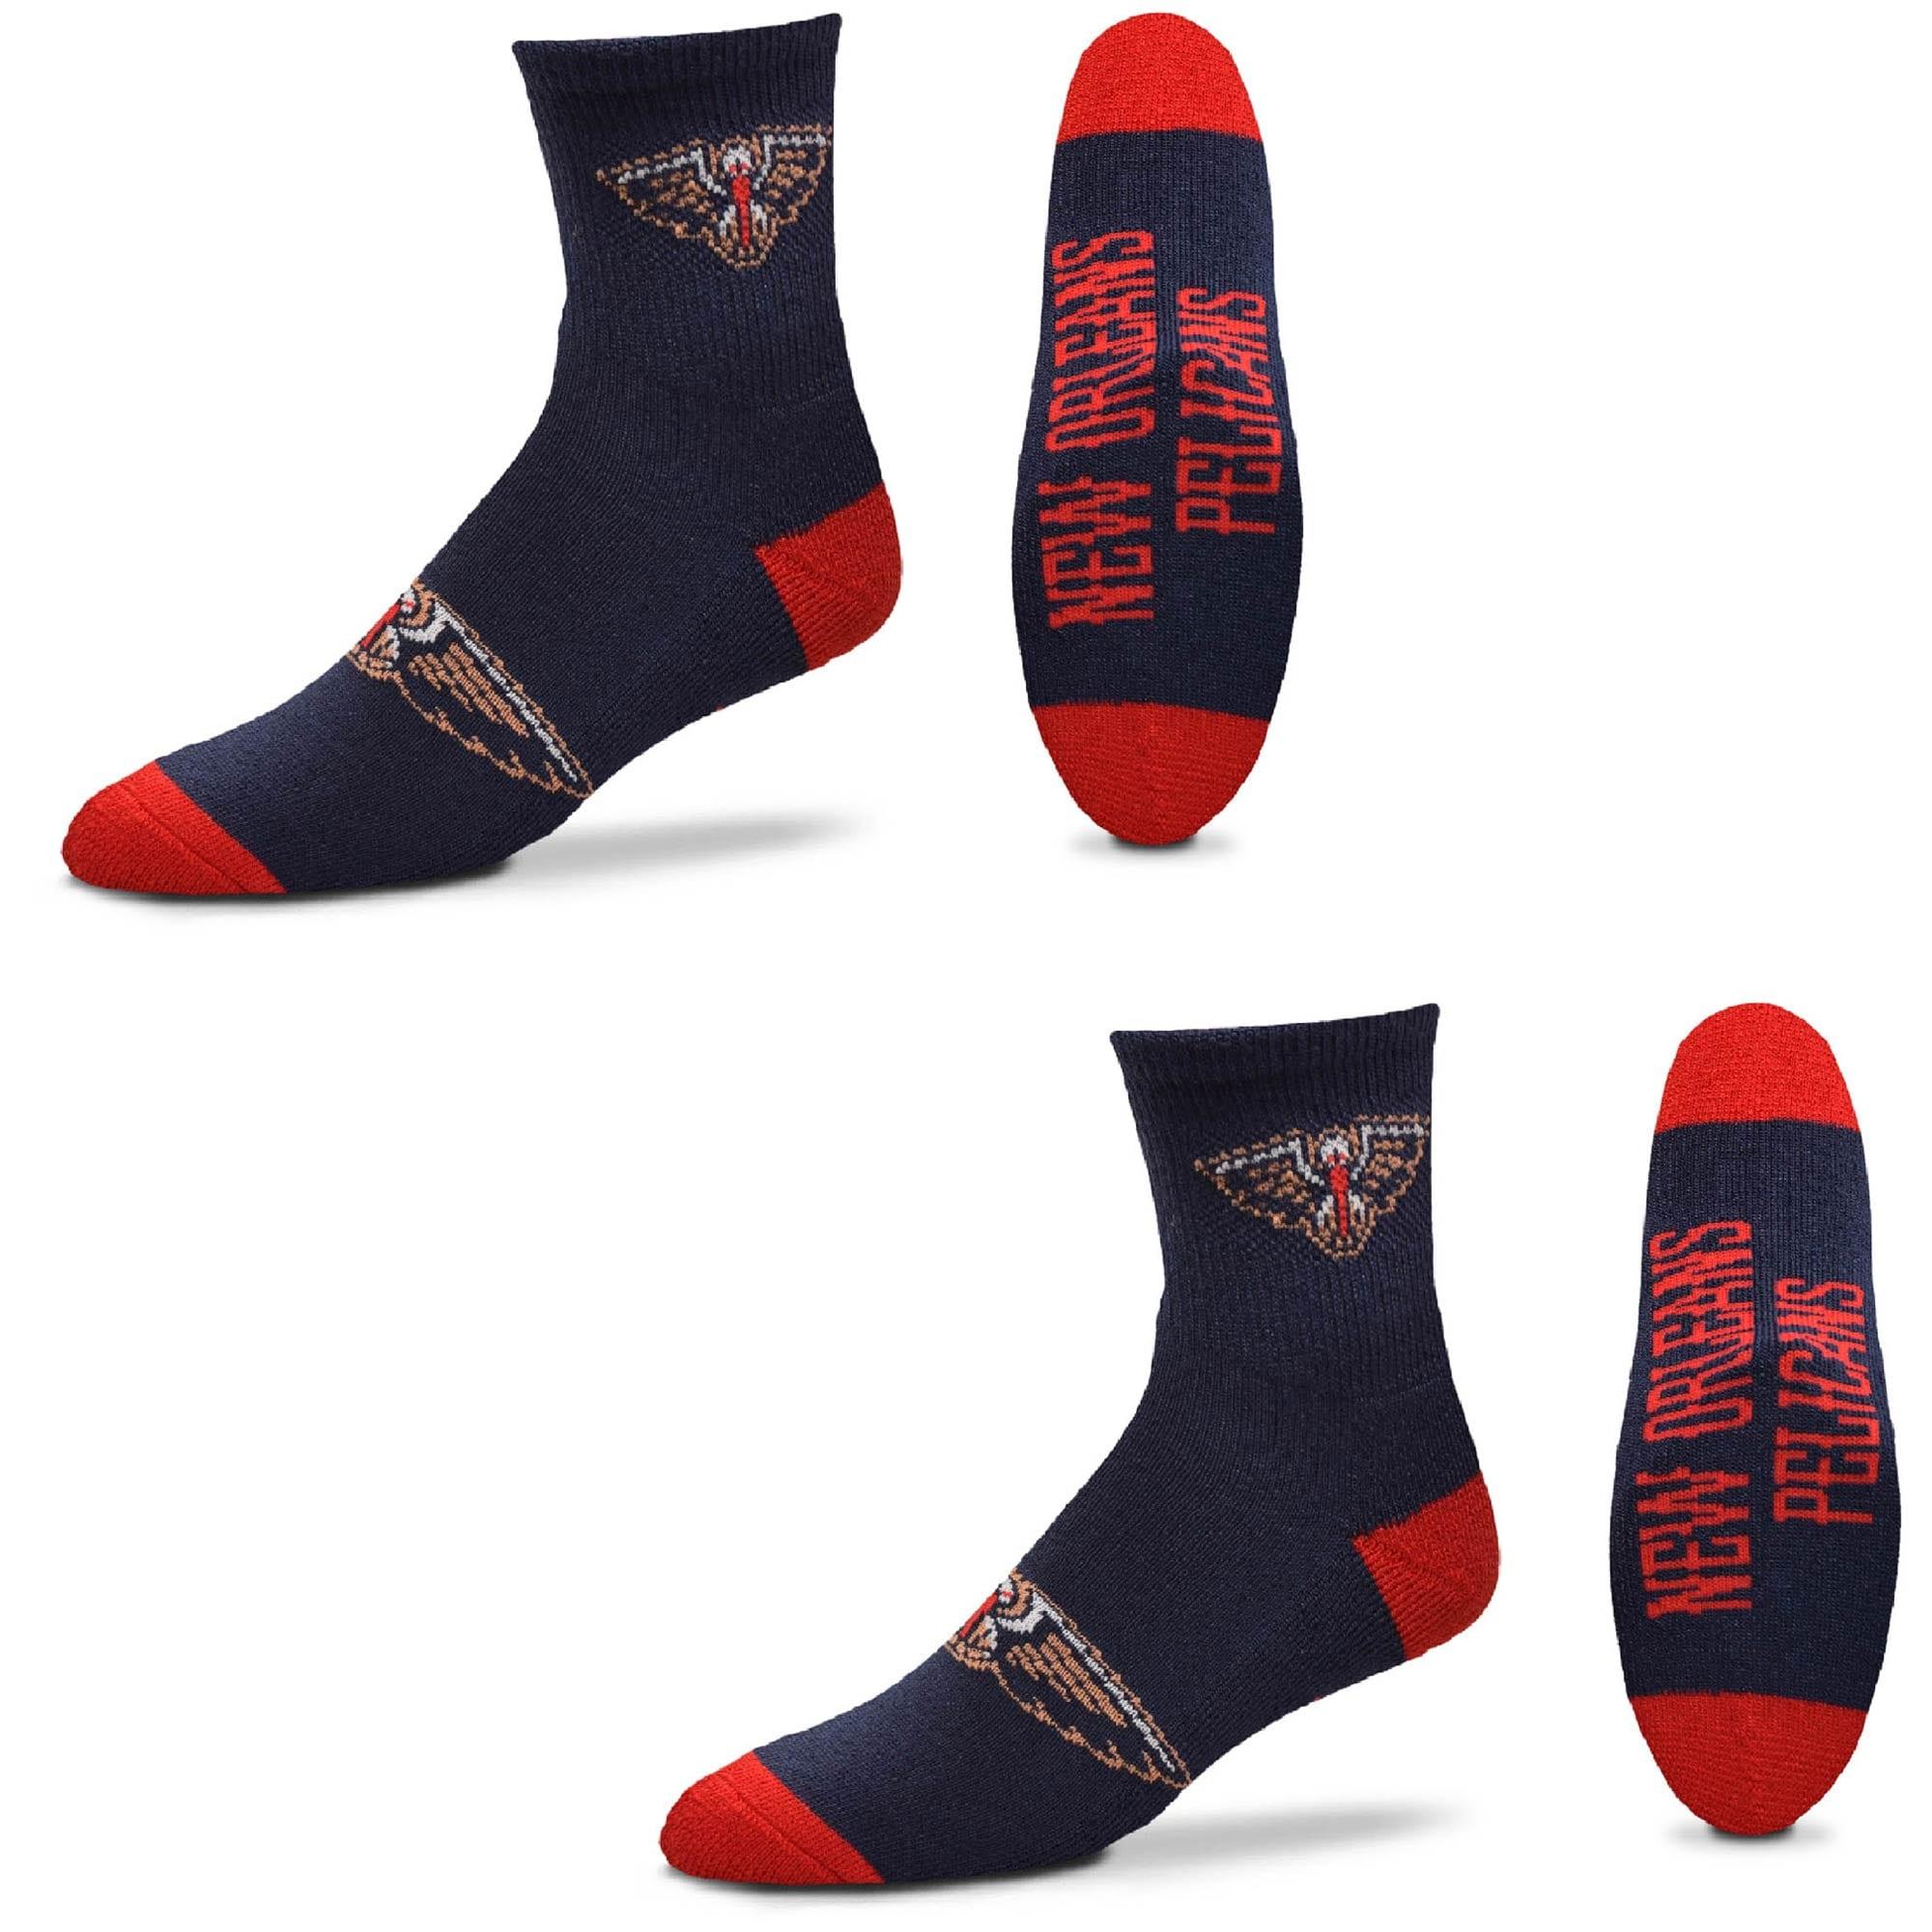 New Orleans Pelicans Women's Quarter-Length Socks Two-Pack Set